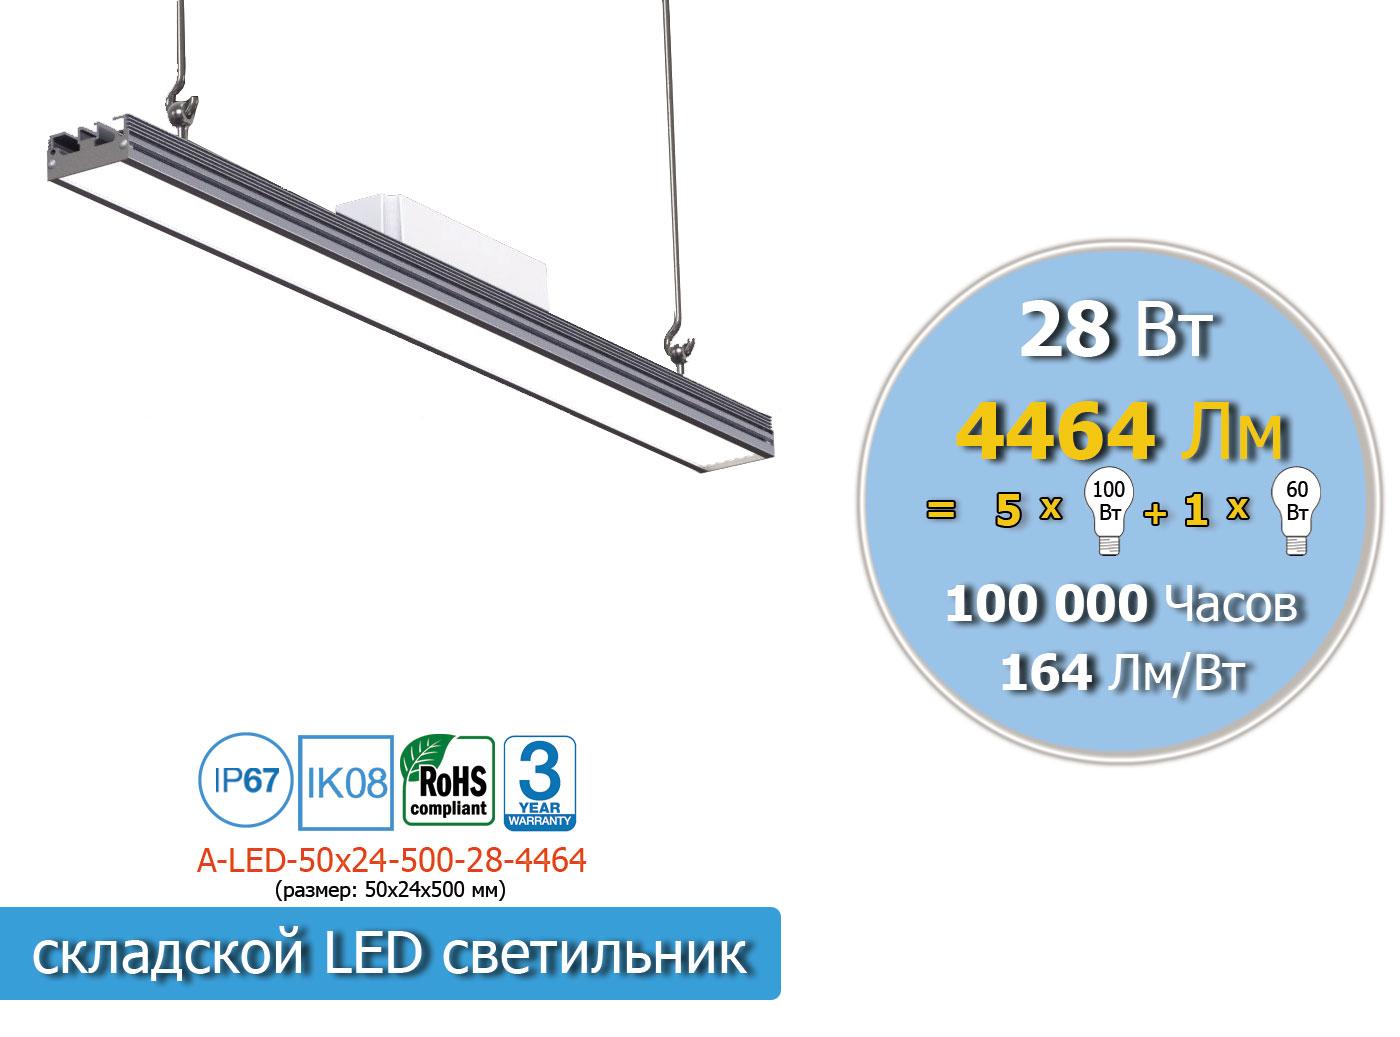 A-LED-50x24-1-500-28-4464